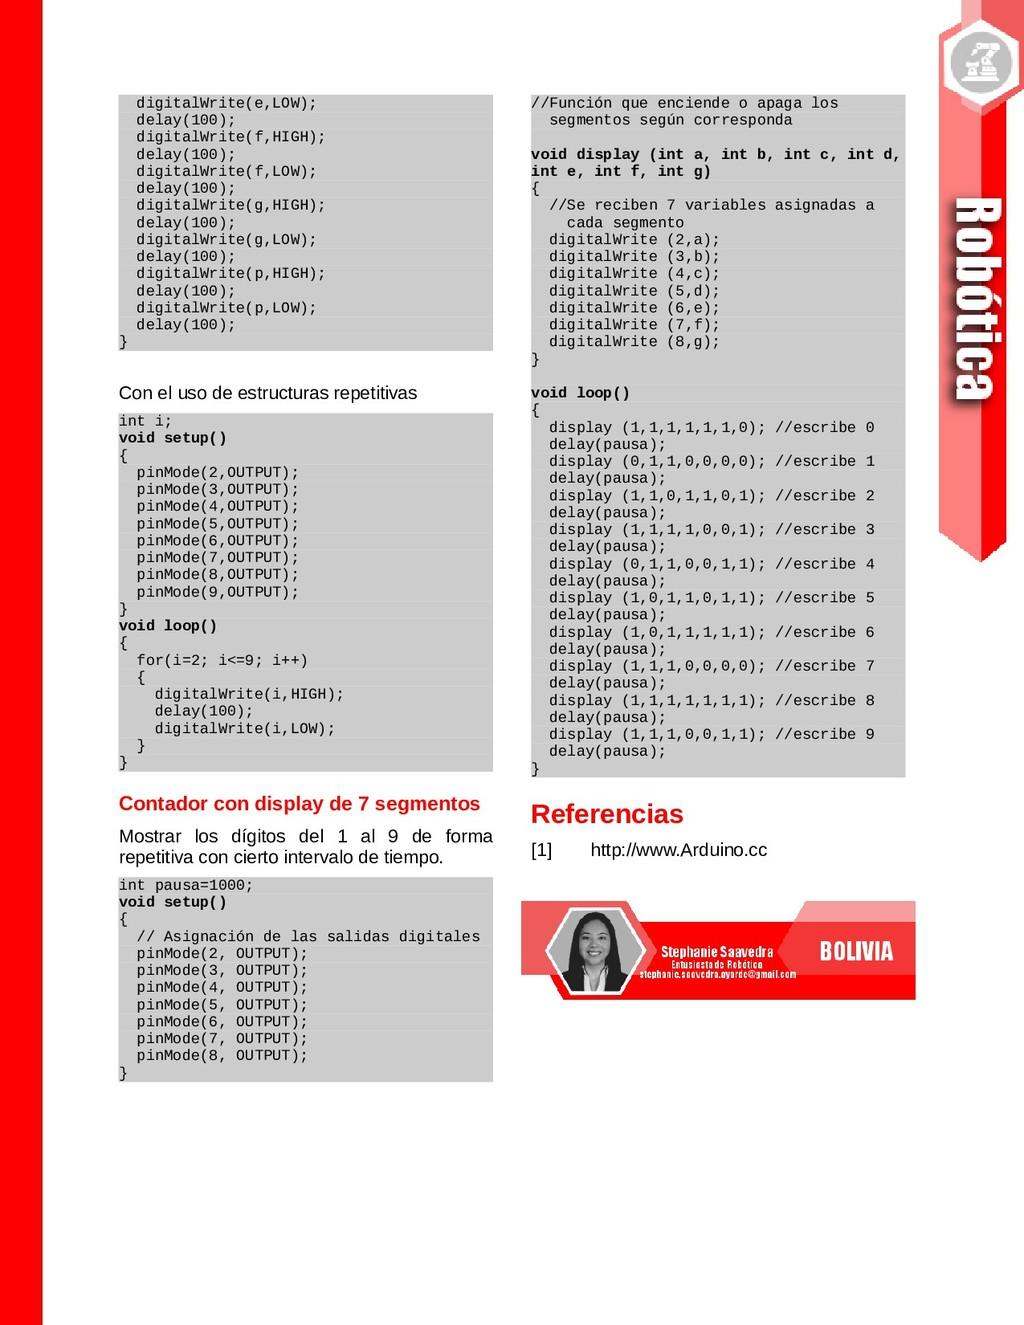 digitalWrite(e,LOW); delay(100); digitalWrite(f...